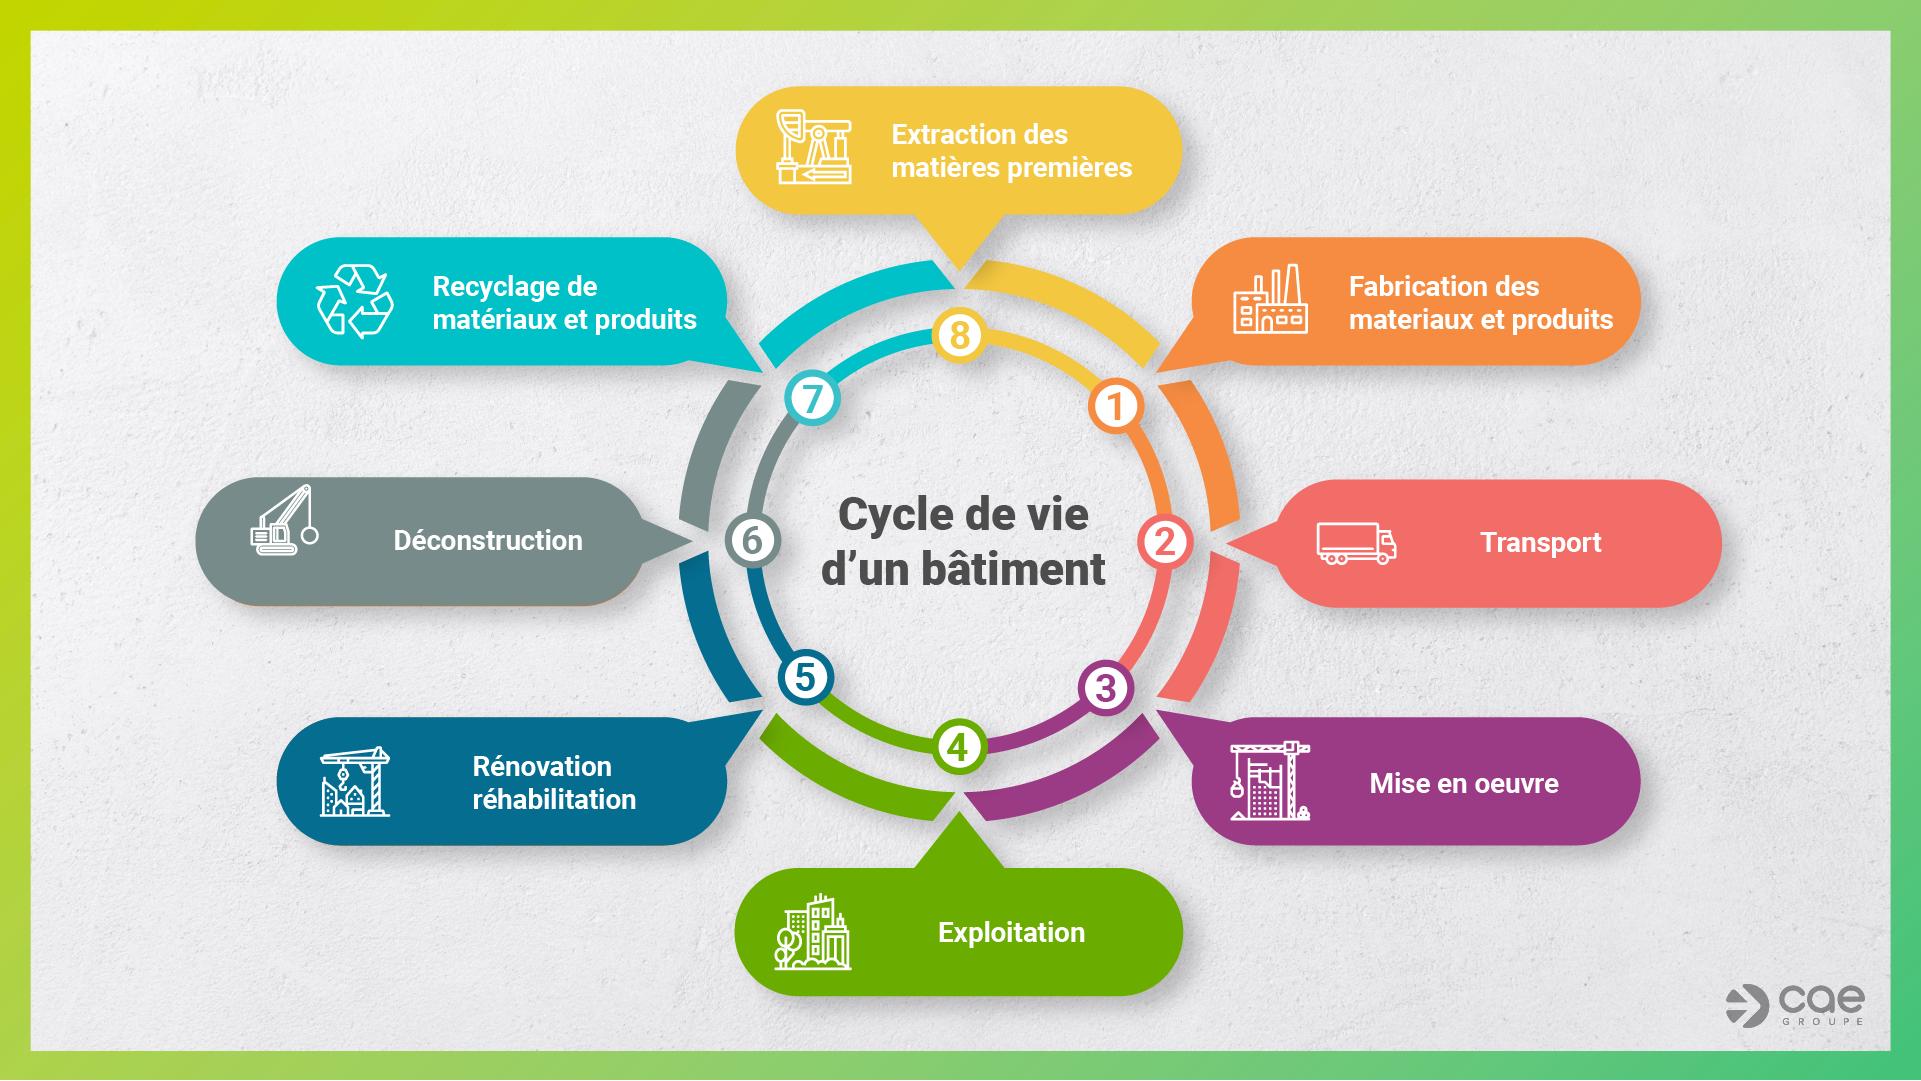 Cycle de vie d'un bâtiment